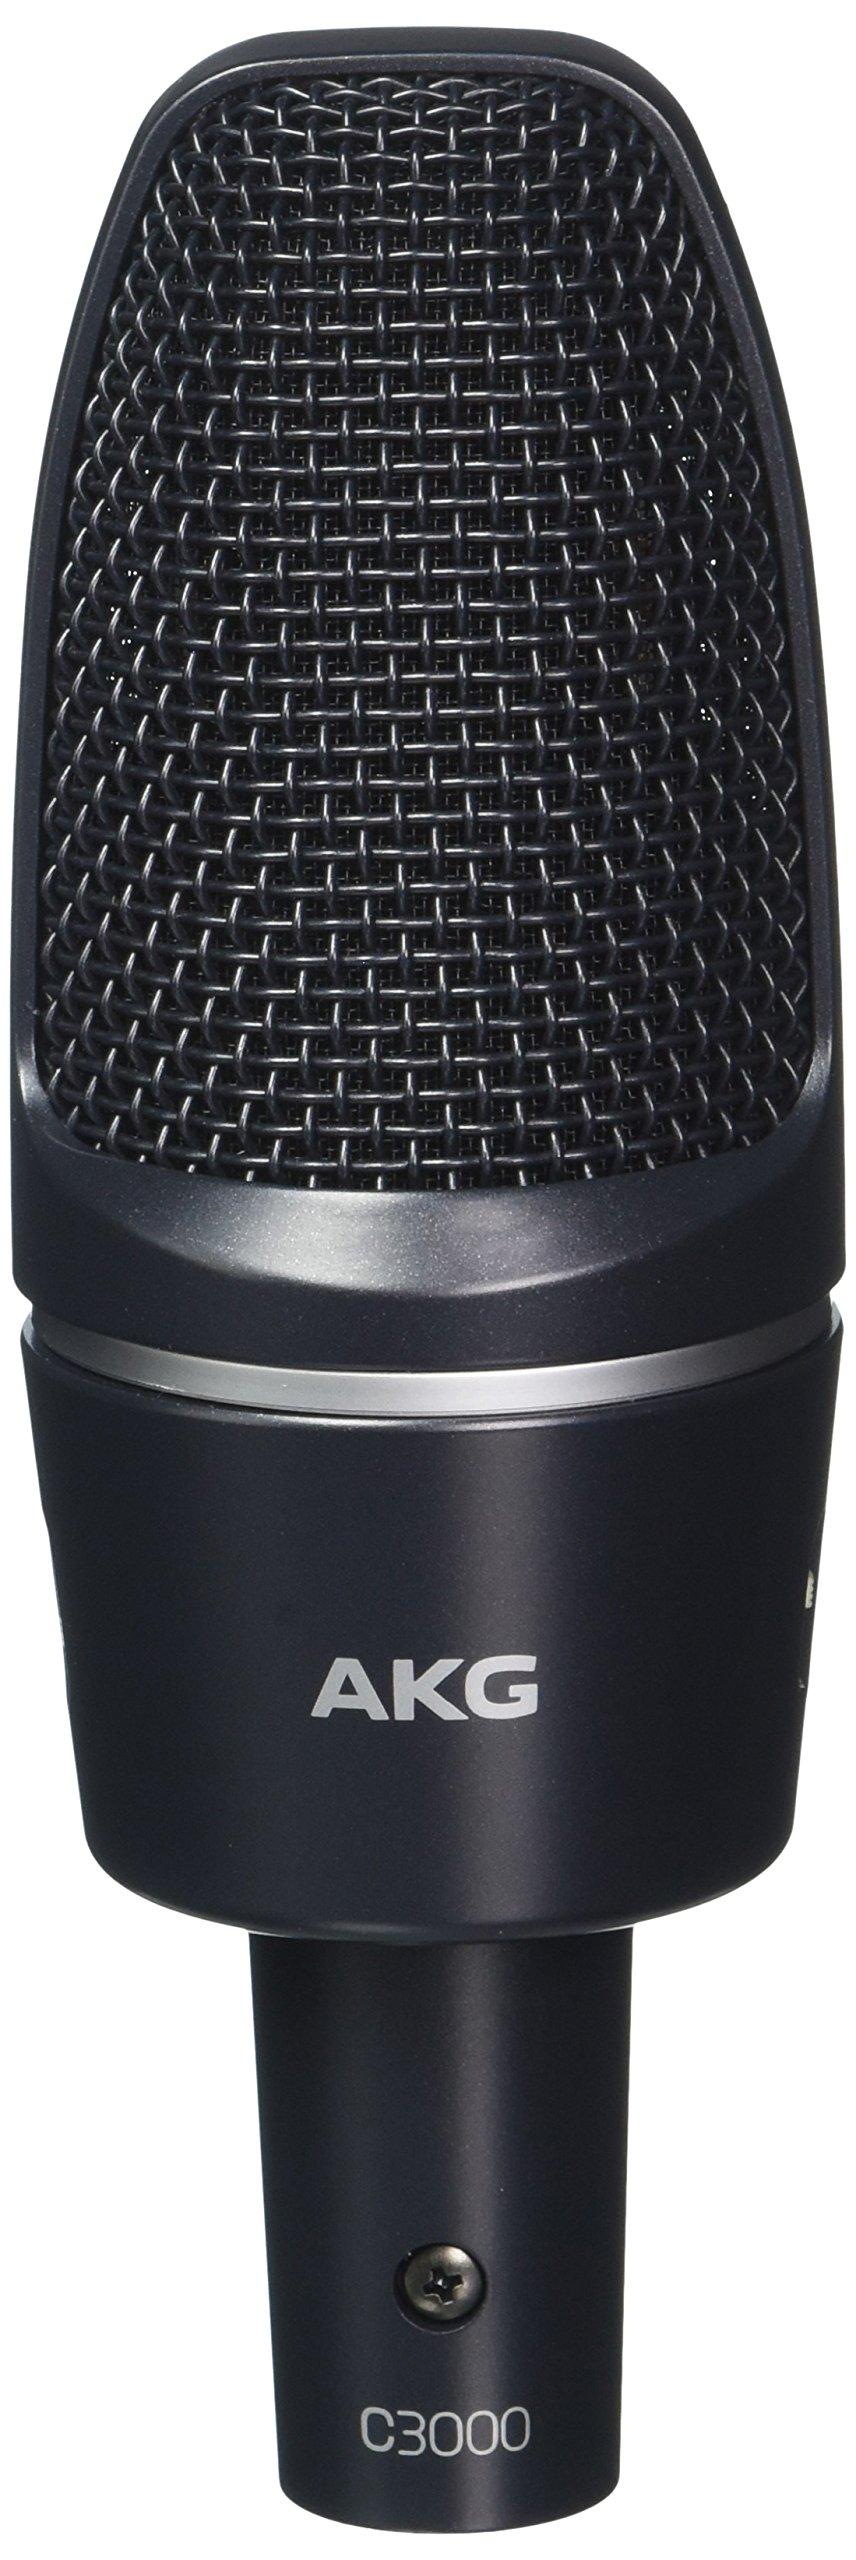 Microfono AKG Pro Audio Multi Purpose Studio Vocal/Instru...